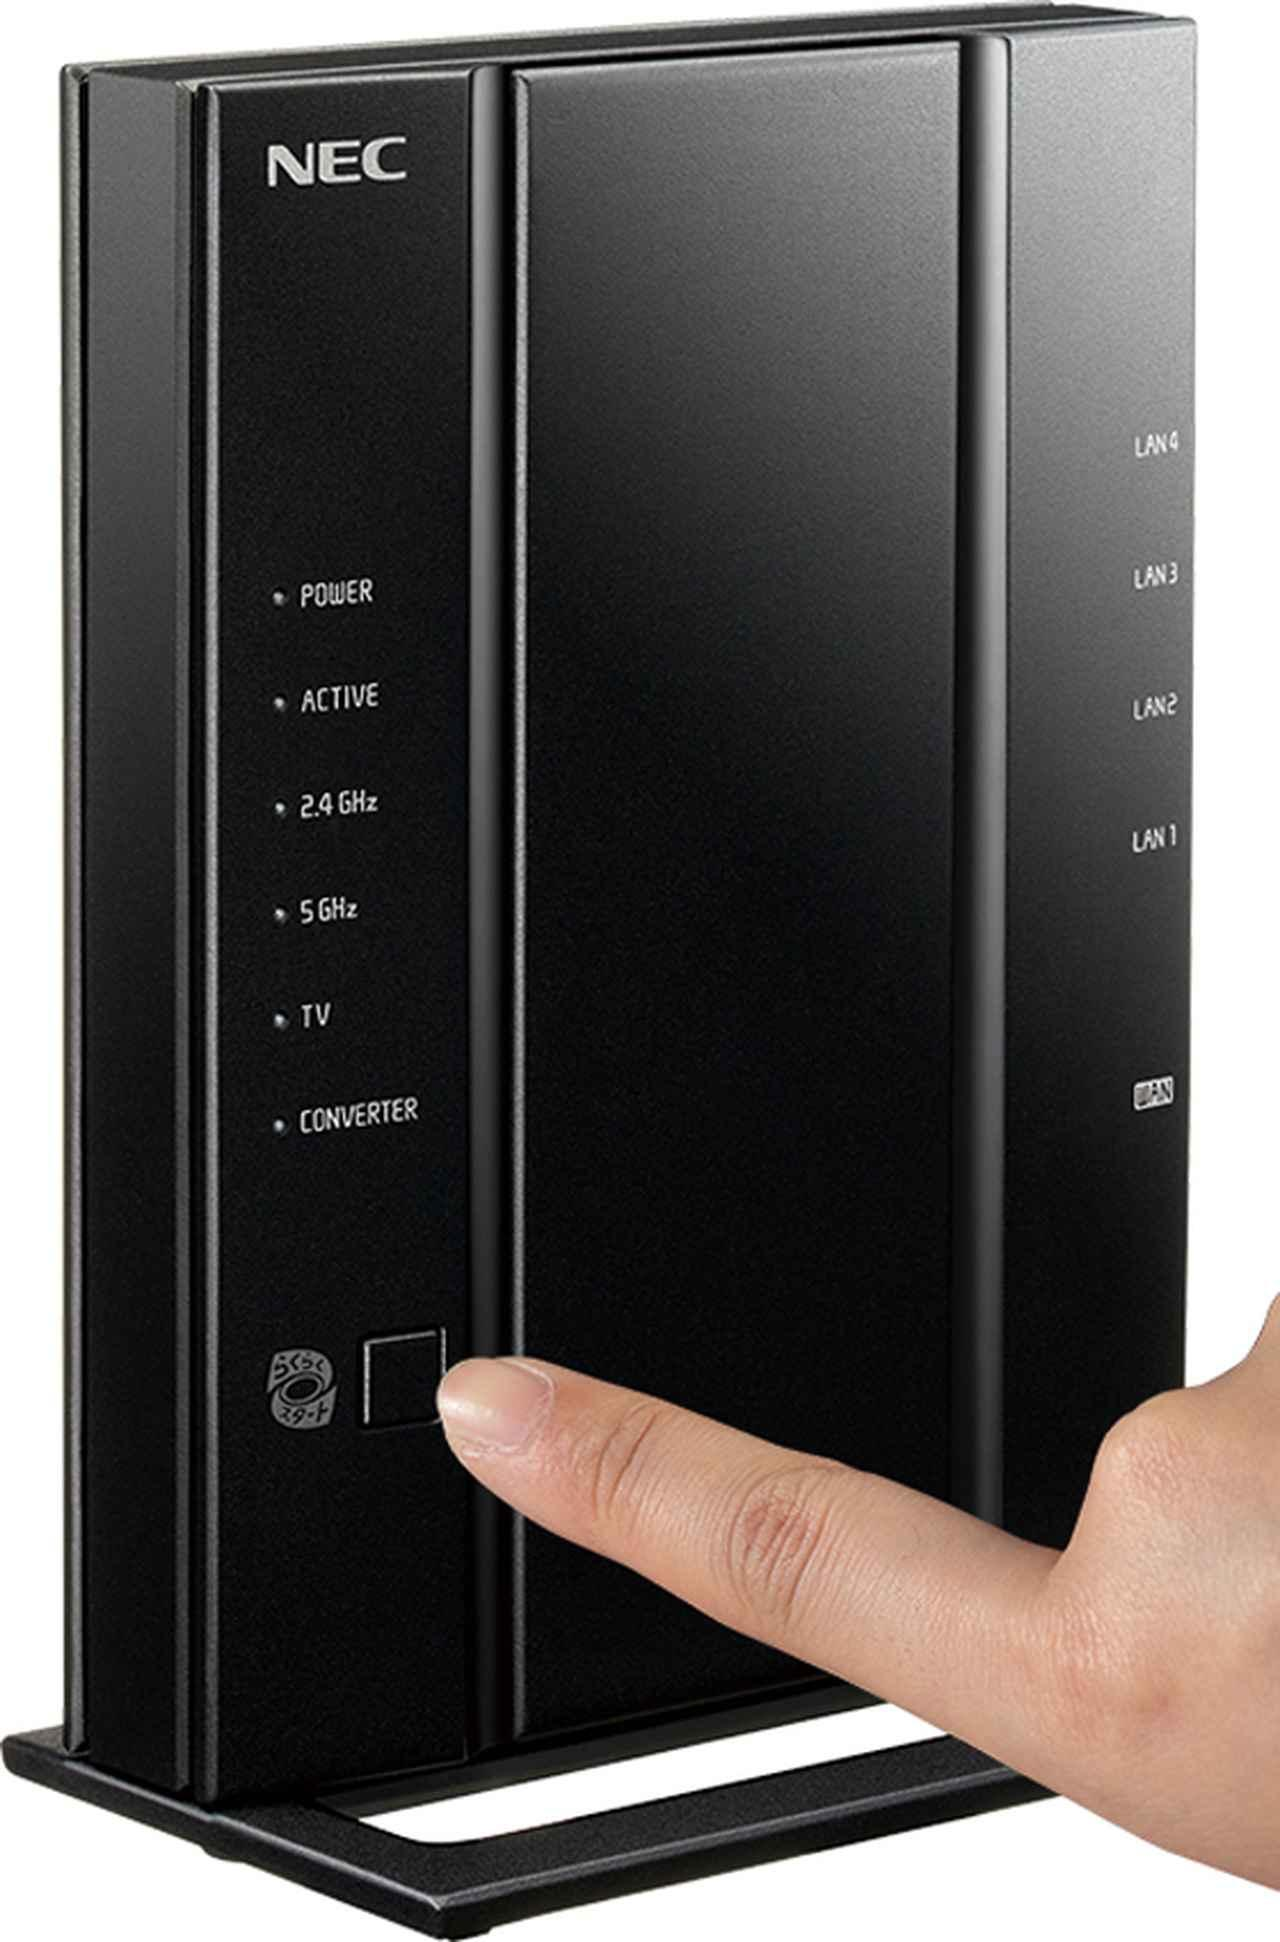 画像: ワンプッシュでWi-Fiの設定ができる「らくらくスタートボタン」は本機でも健在。WPS規格に対応した機器どうしなら、初心者でもWi-Fi環境を手間なく構築できる。